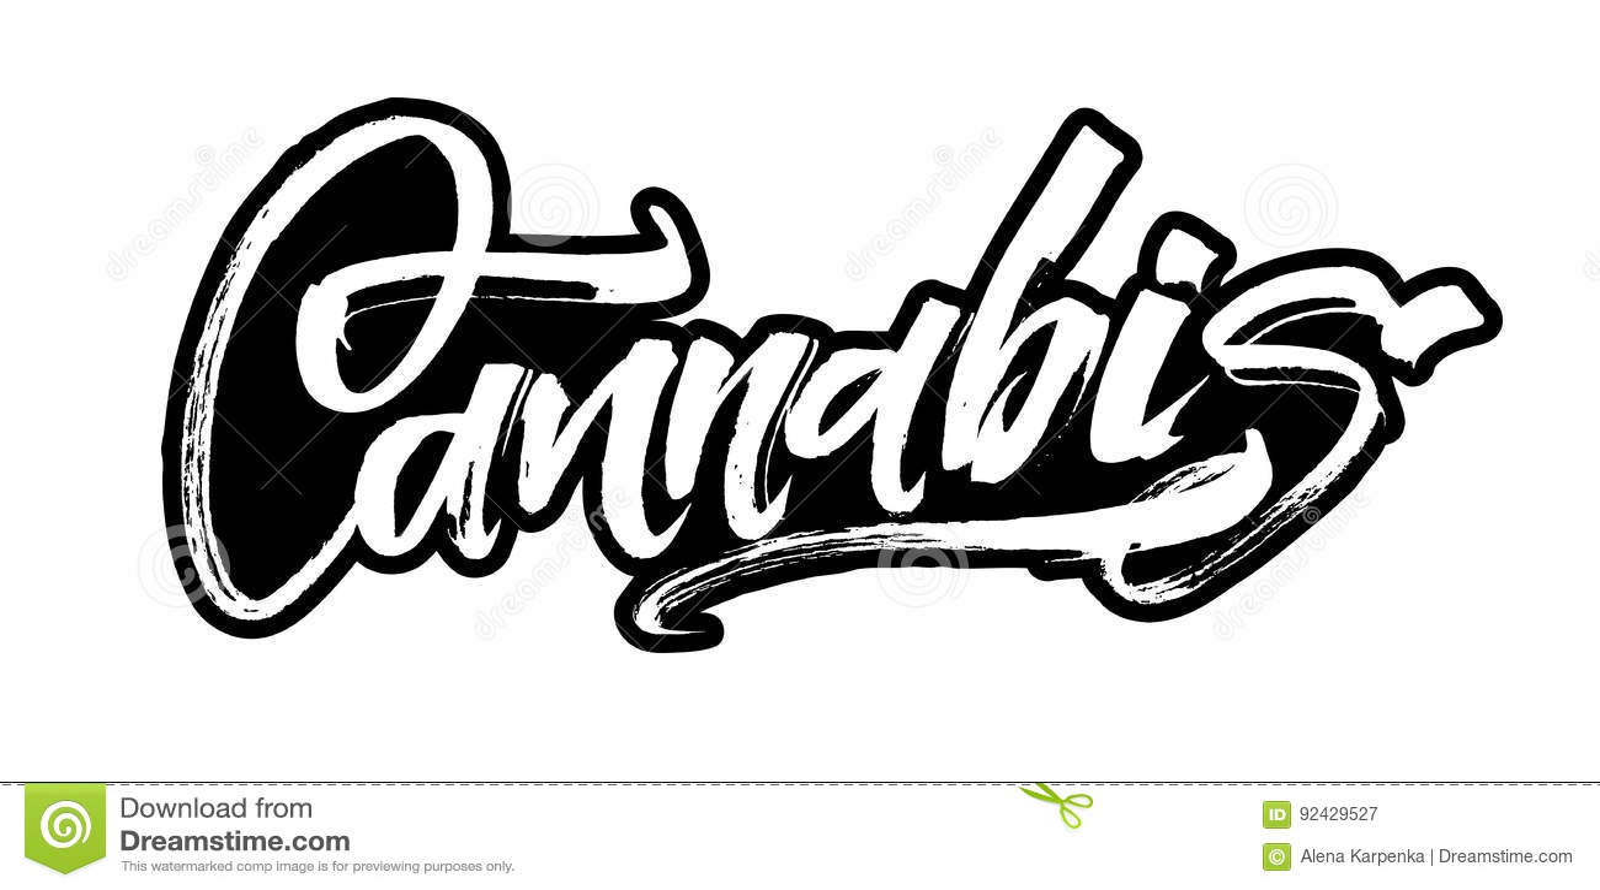 Hanf moderne kalligraphie handbeschriftung f r siebdruck - Letras para serigrafia ...